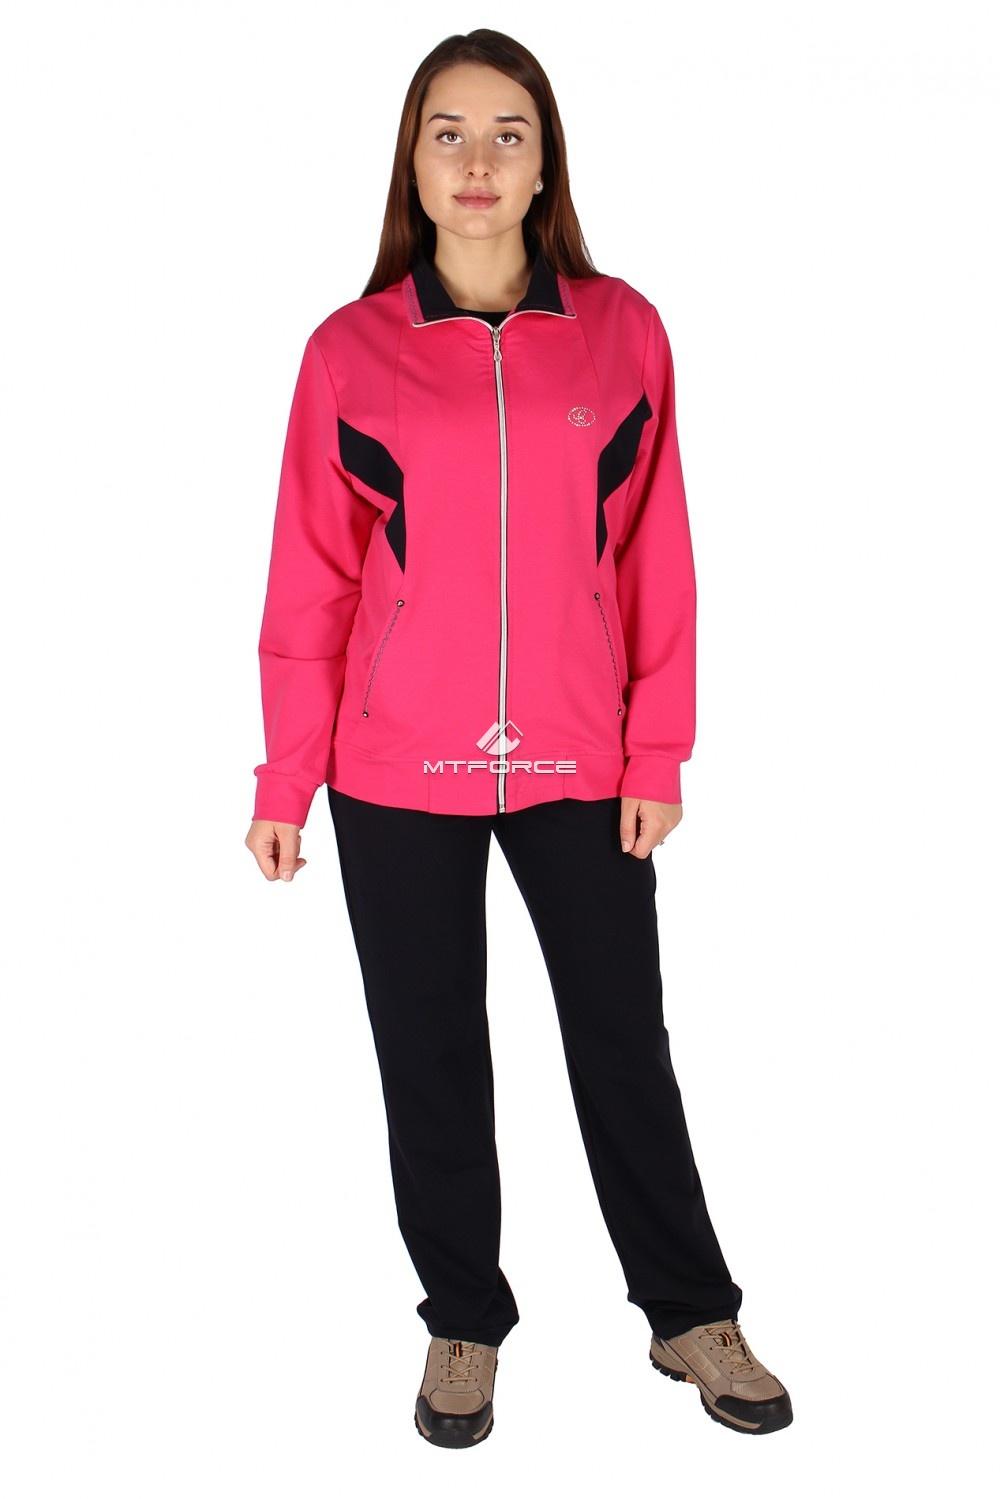 Купить оптом Спортивный костюм женский большого размера розового цвета 0022R в Санкт-Петербурге